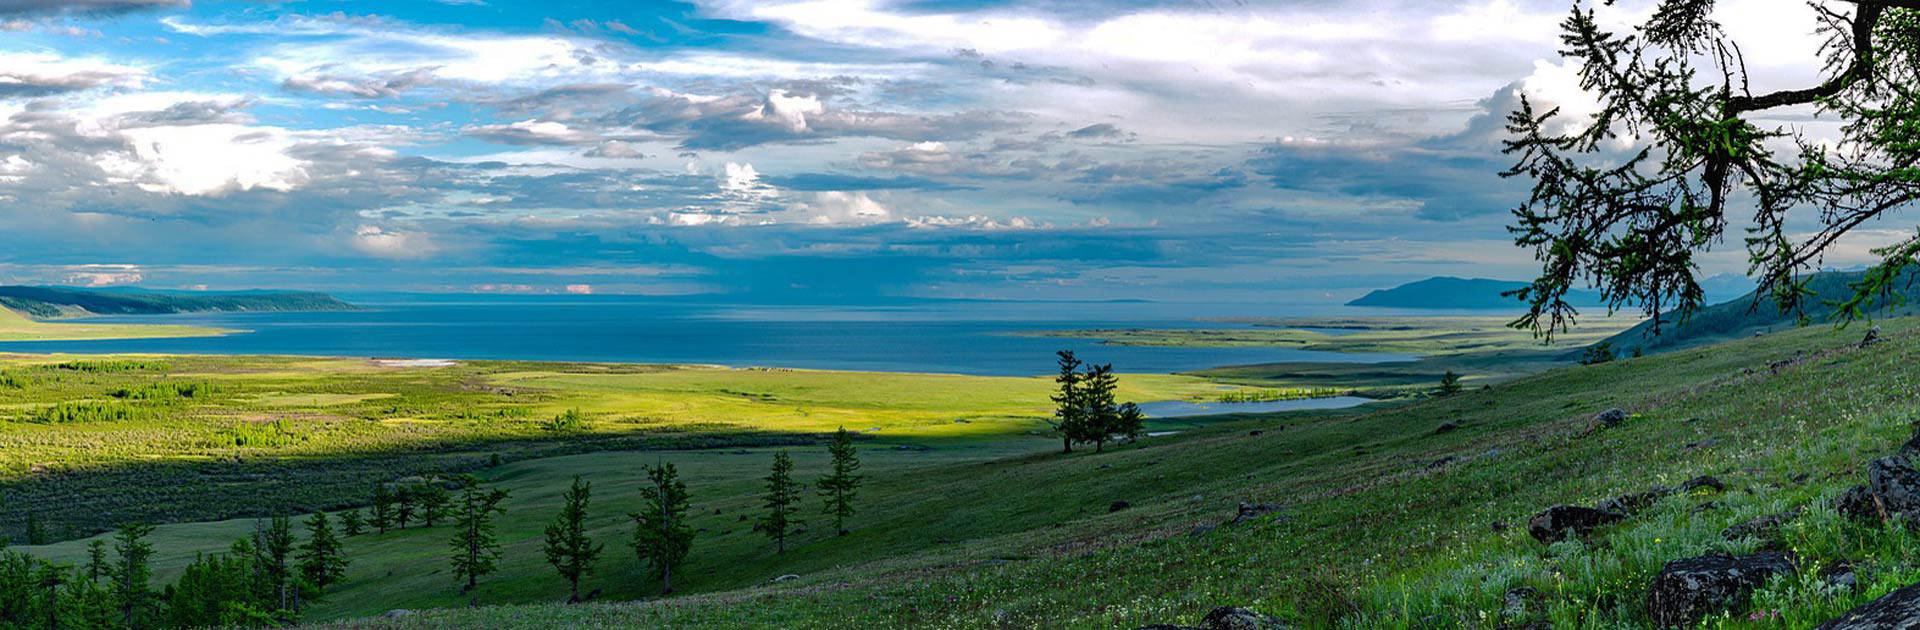 MN Mongolia del Lago Terkhiin a Karakorum 12 días 2